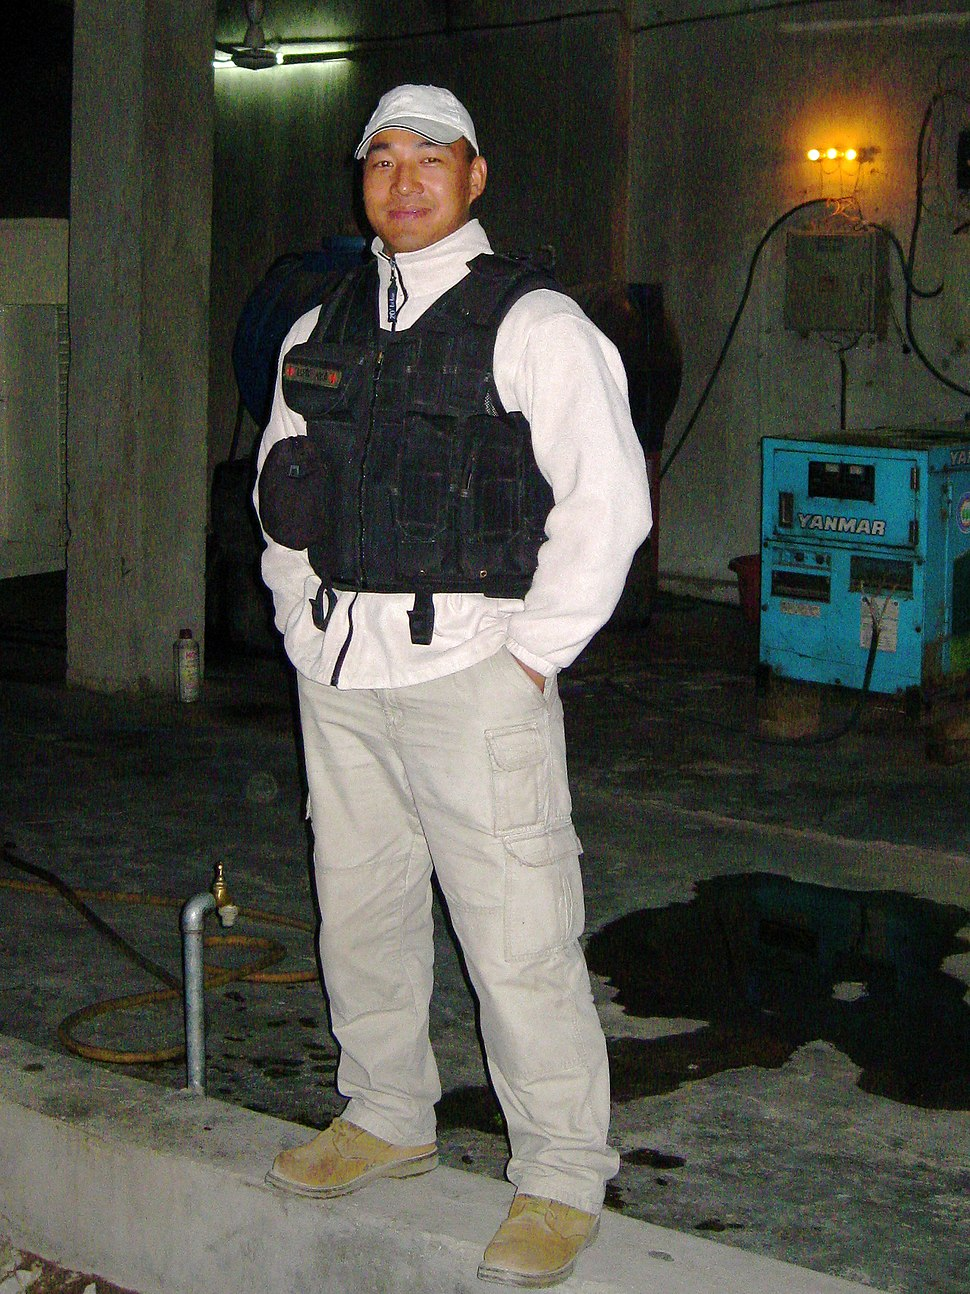 Gurkha bodyguard in Nangarhar